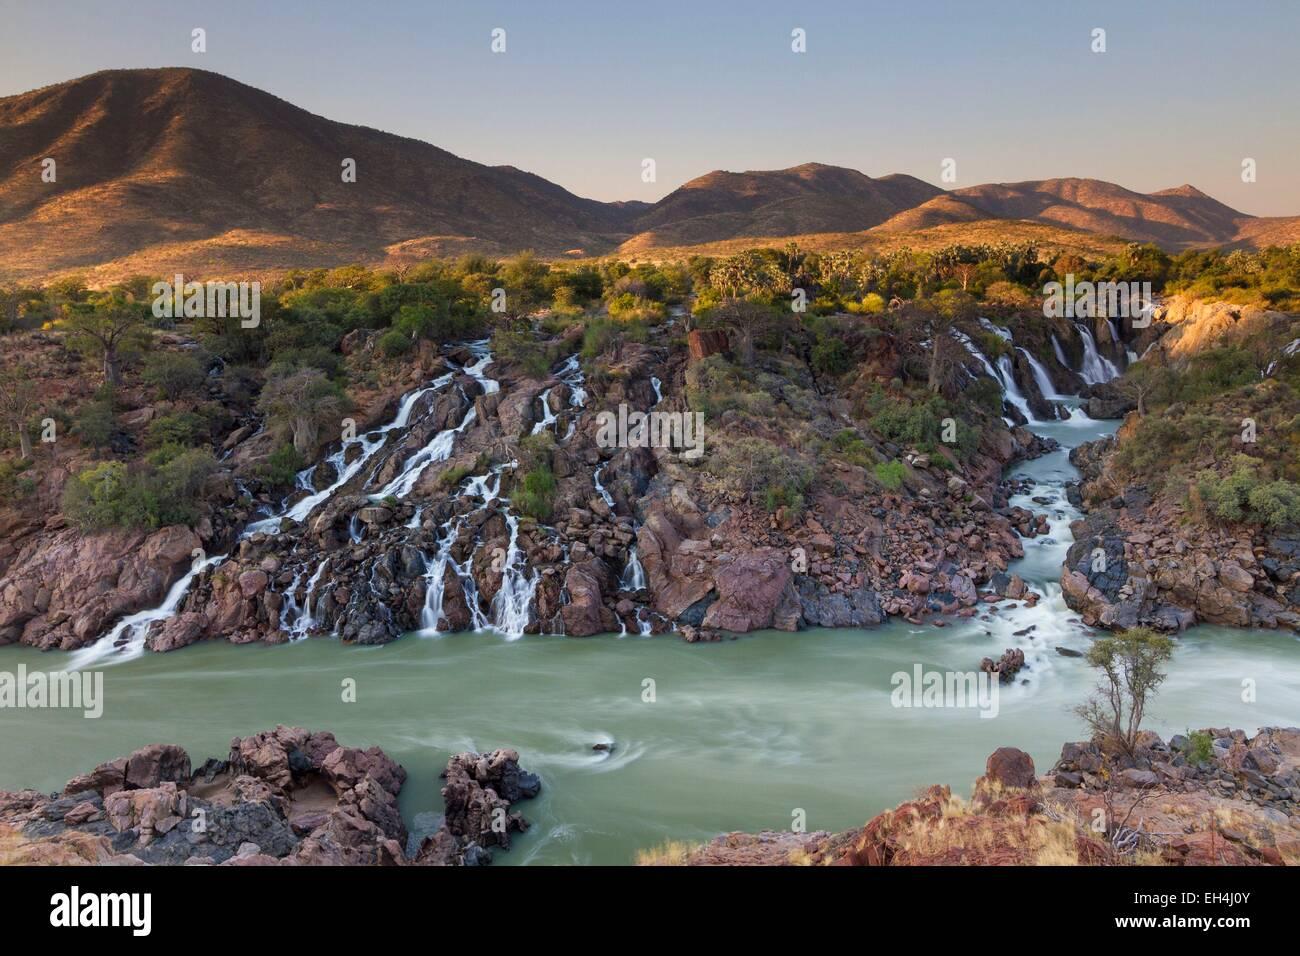 Namibia, Kunene region, Kaokoland, Epupa falls - Stock Image